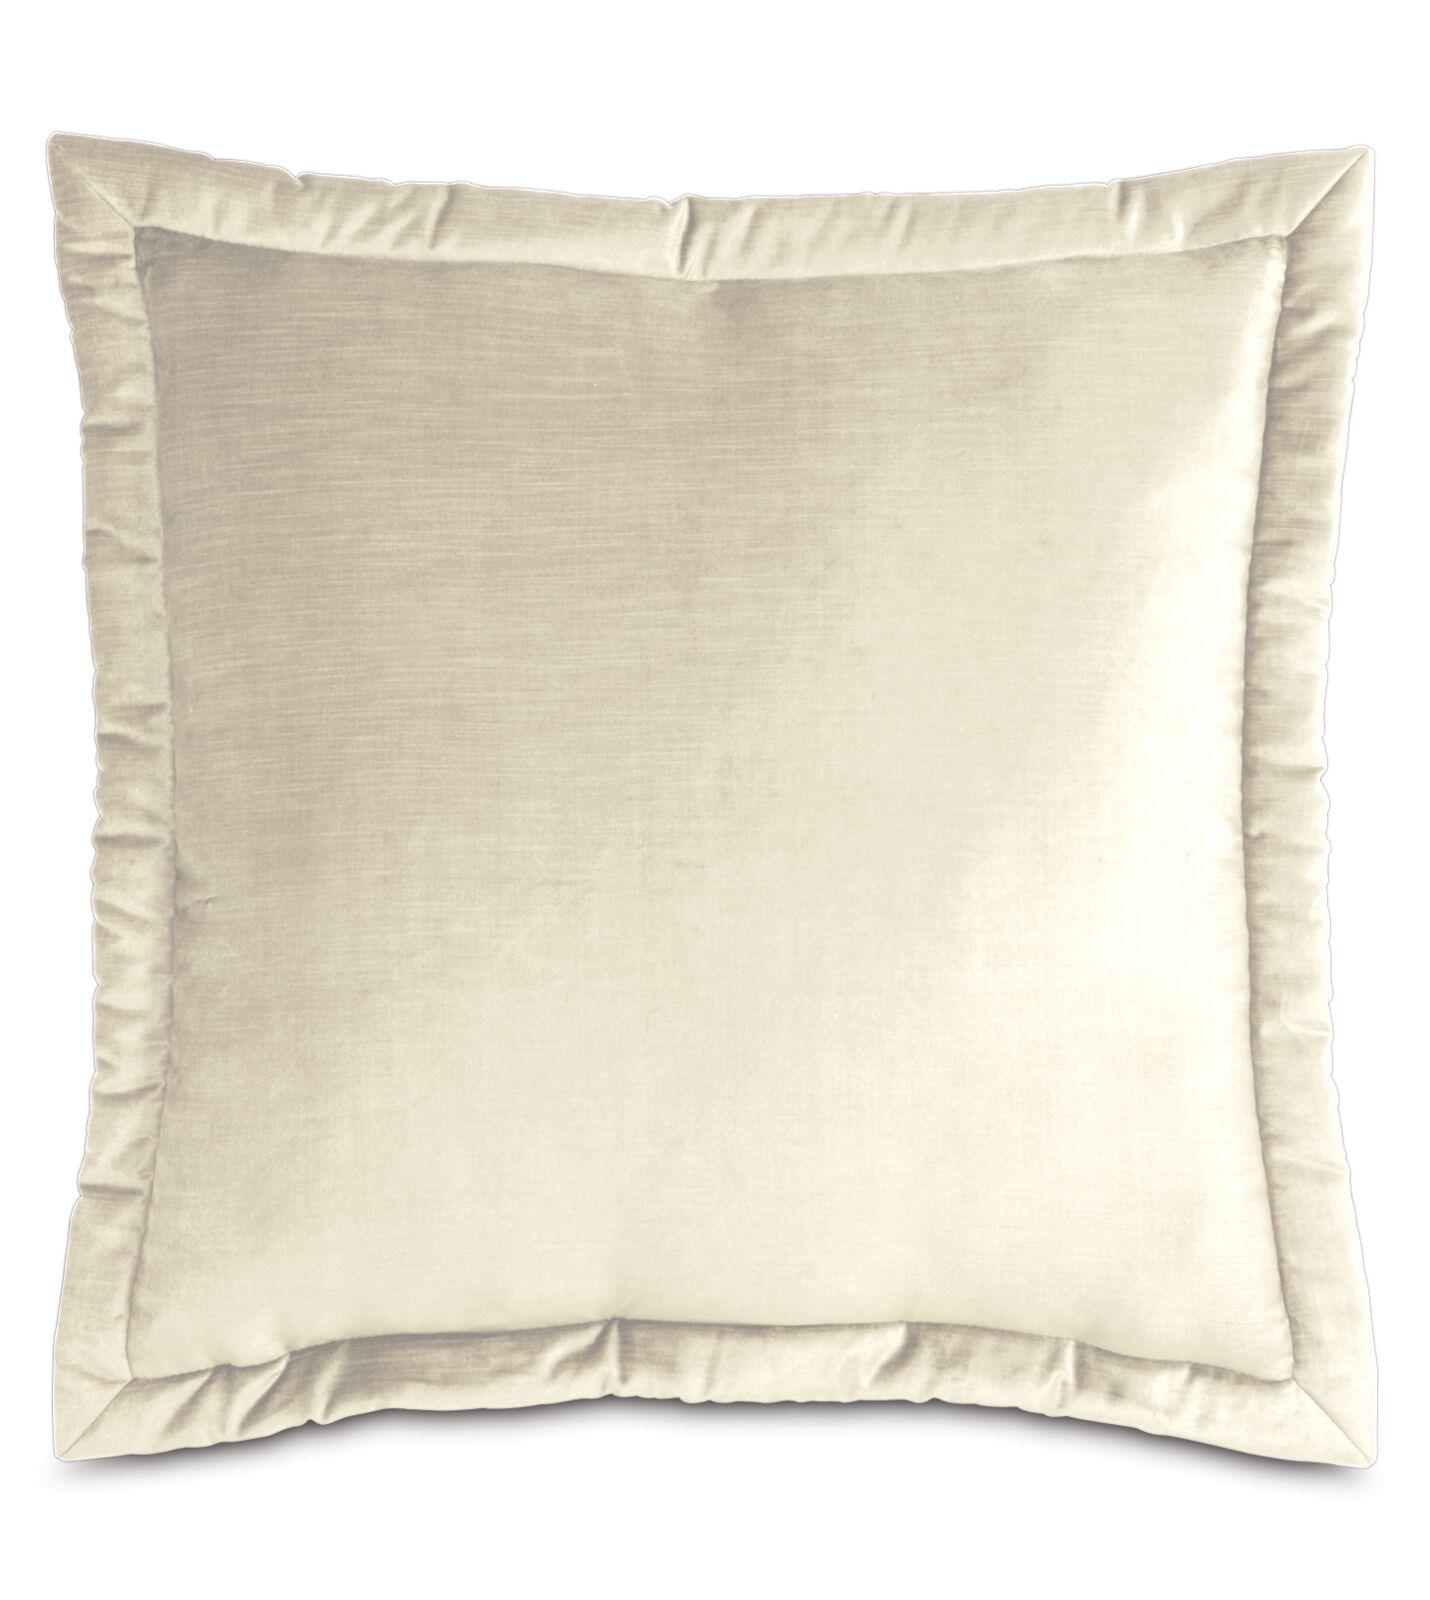 Lucerne Reuss Mitered Flange Velvet Sham Size: 20